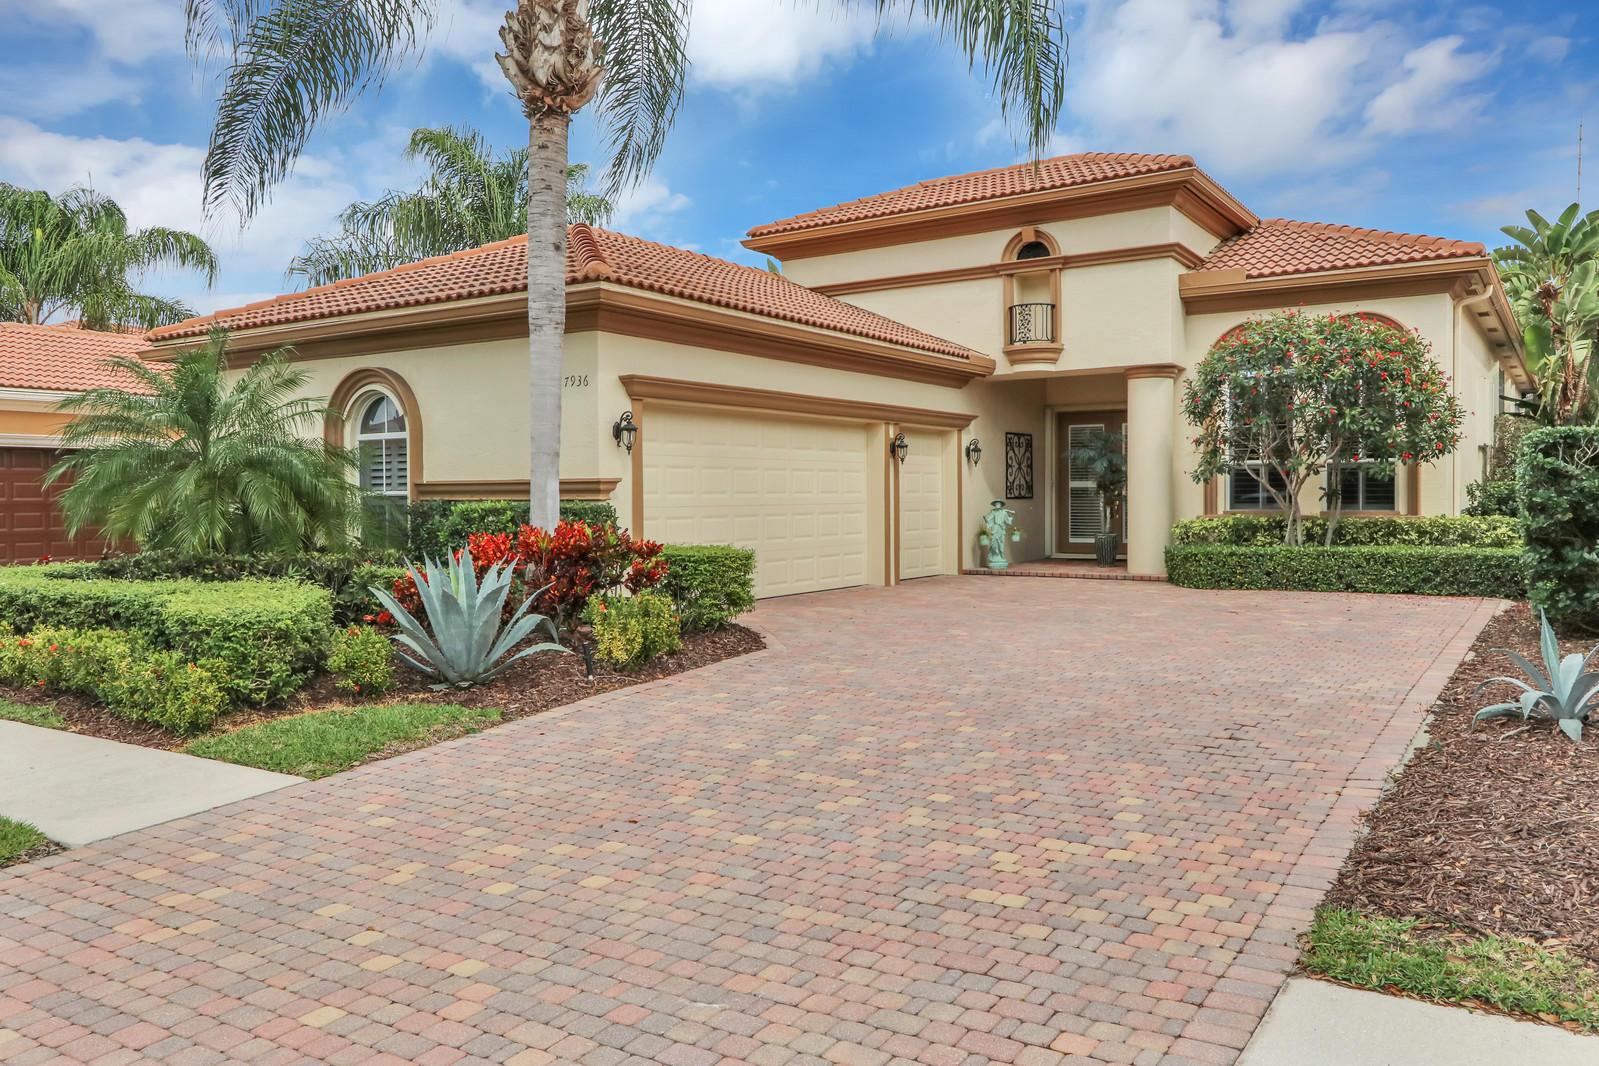 7936 Via Villagio, West Palm Beach, Florida 33412, 3 Bedrooms Bedrooms, ,3 BathroomsBathrooms,A,Single family,Via Villagio,RX-10604540